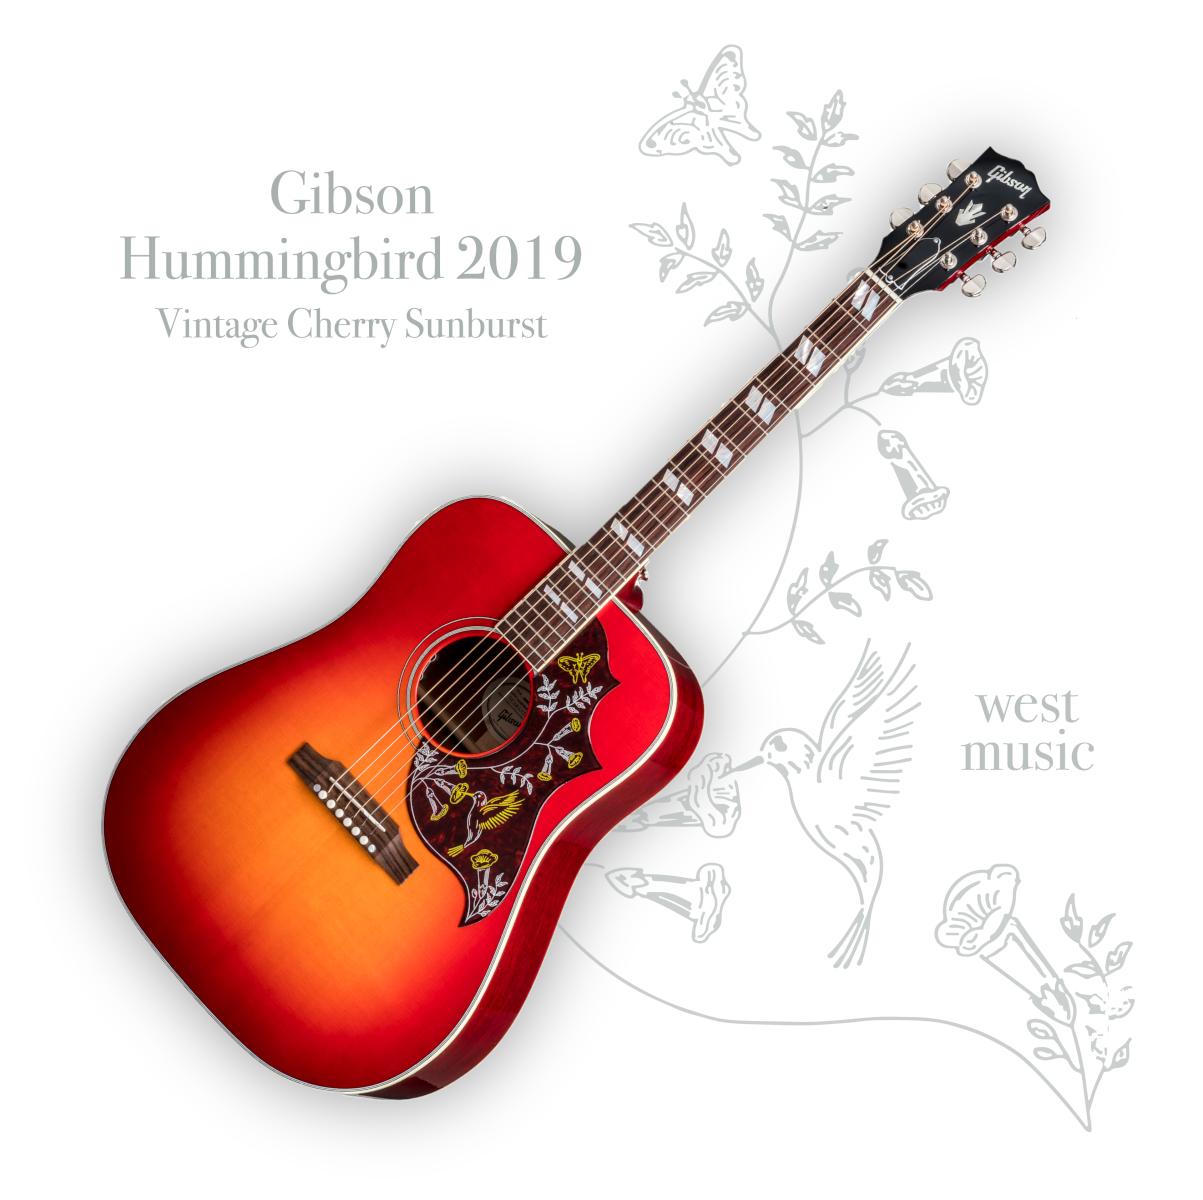 【送料無料】Gibson Hummingbird 2019 VS (Vintage Cherry Sunburst) ギブソン ハミングバード ヴィンテージチェリーサンバースト【即納可能♪】